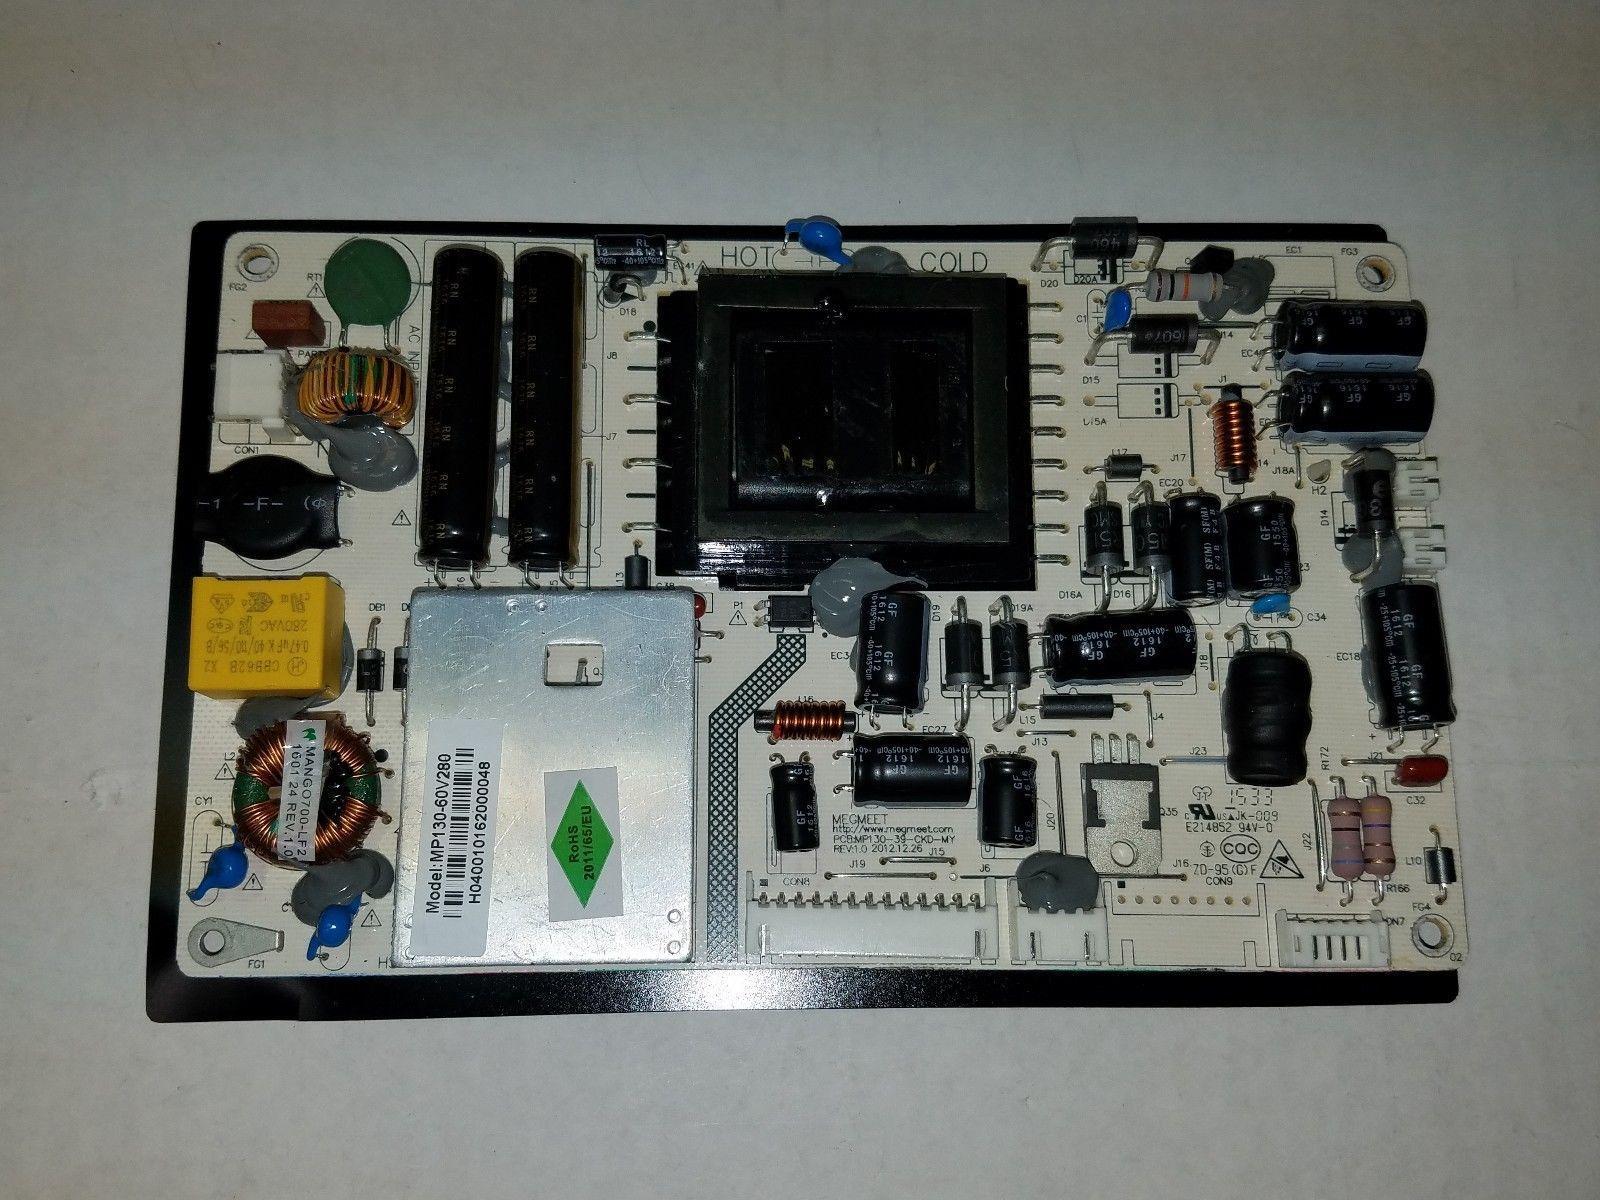 RCA J40LV840 Power Supply MP130-60V280